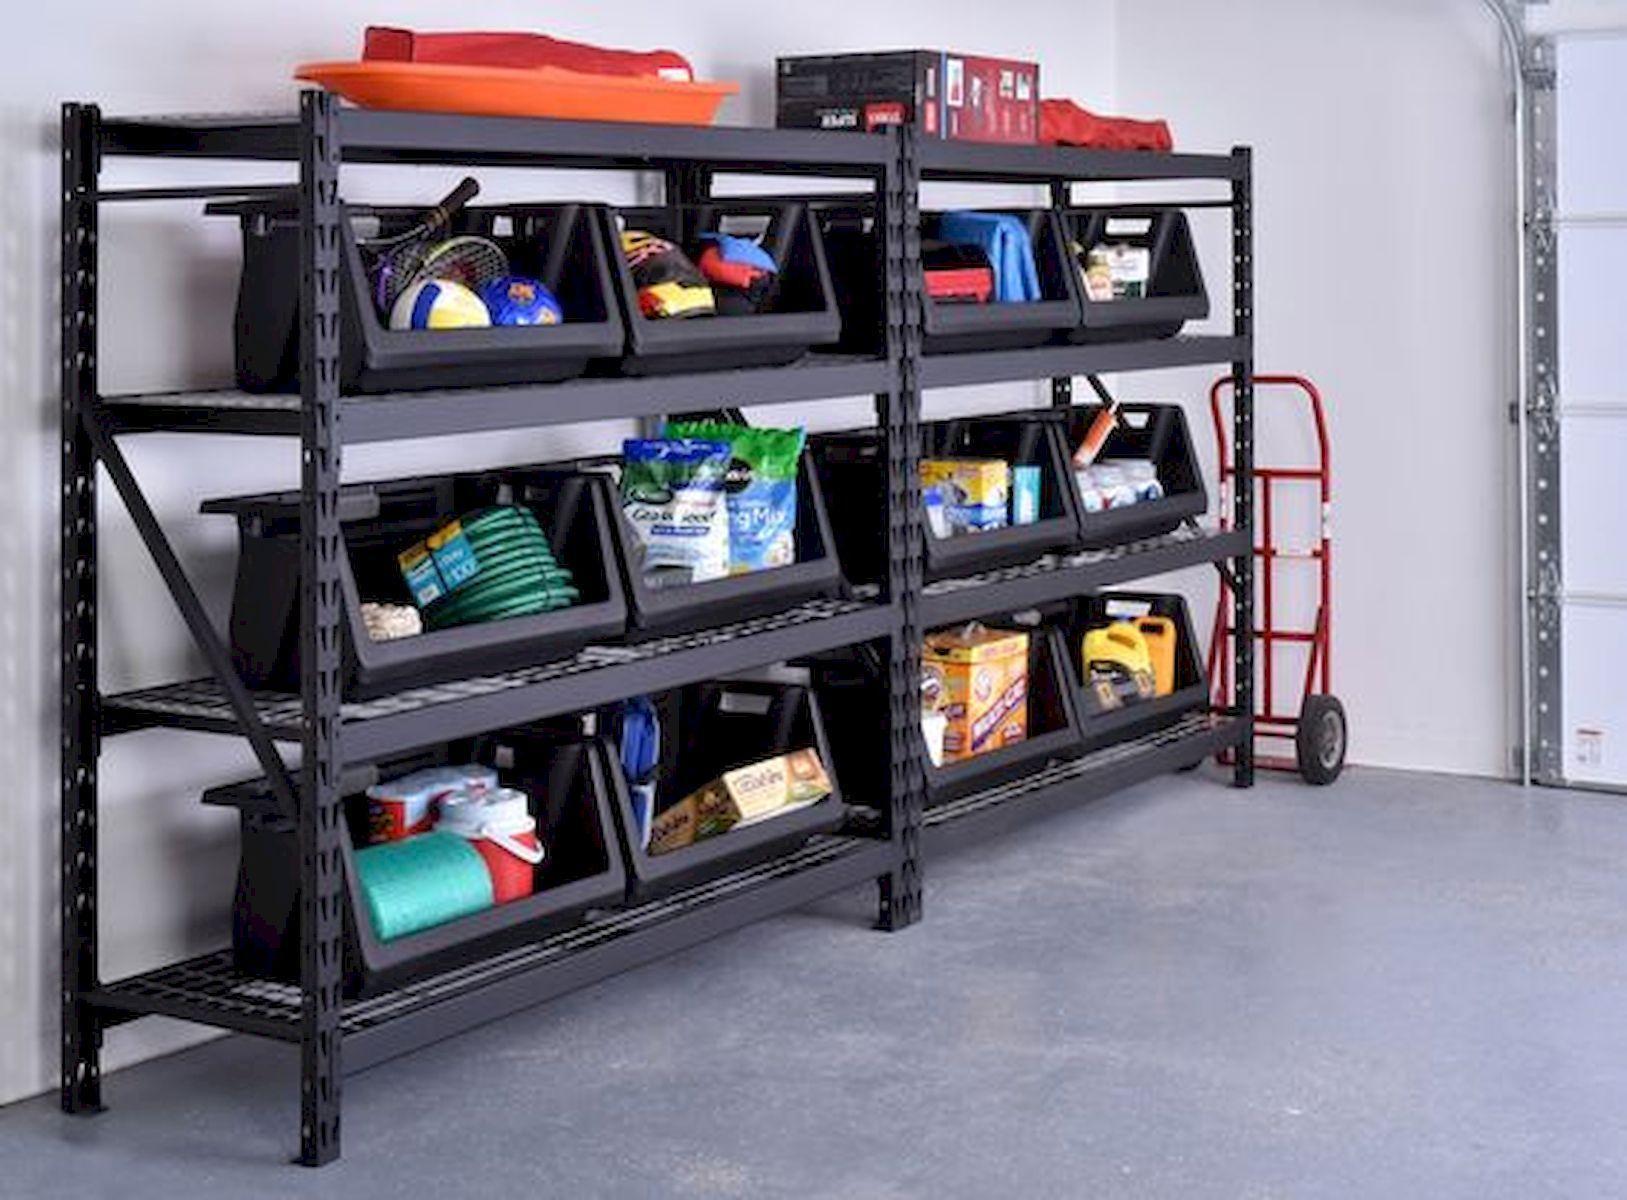 40 inspiring diy garage storage design ideas on a budget on inspiring diy garage storage design ideas on a budget to maximize your garage id=25258